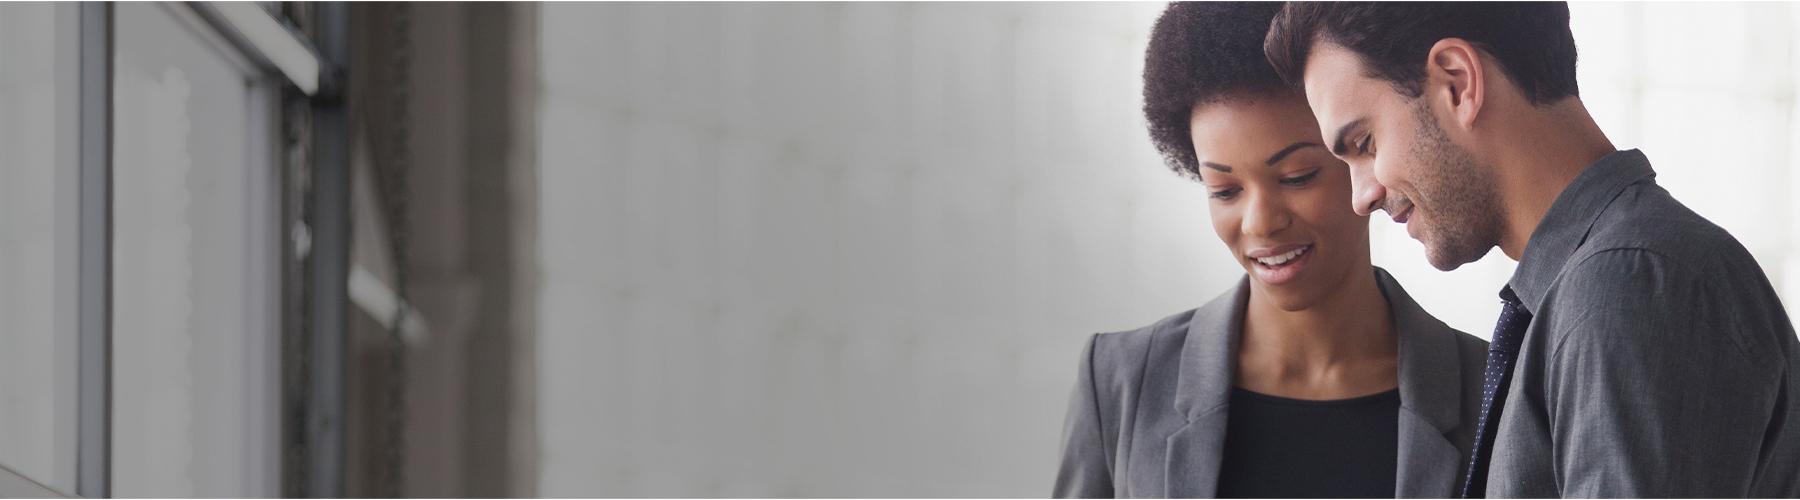 Une femme noire et un homme blanc sourient. La femme porte une veste grise, et l'homme, une chemise grise et une cravate bleue mouchetée.